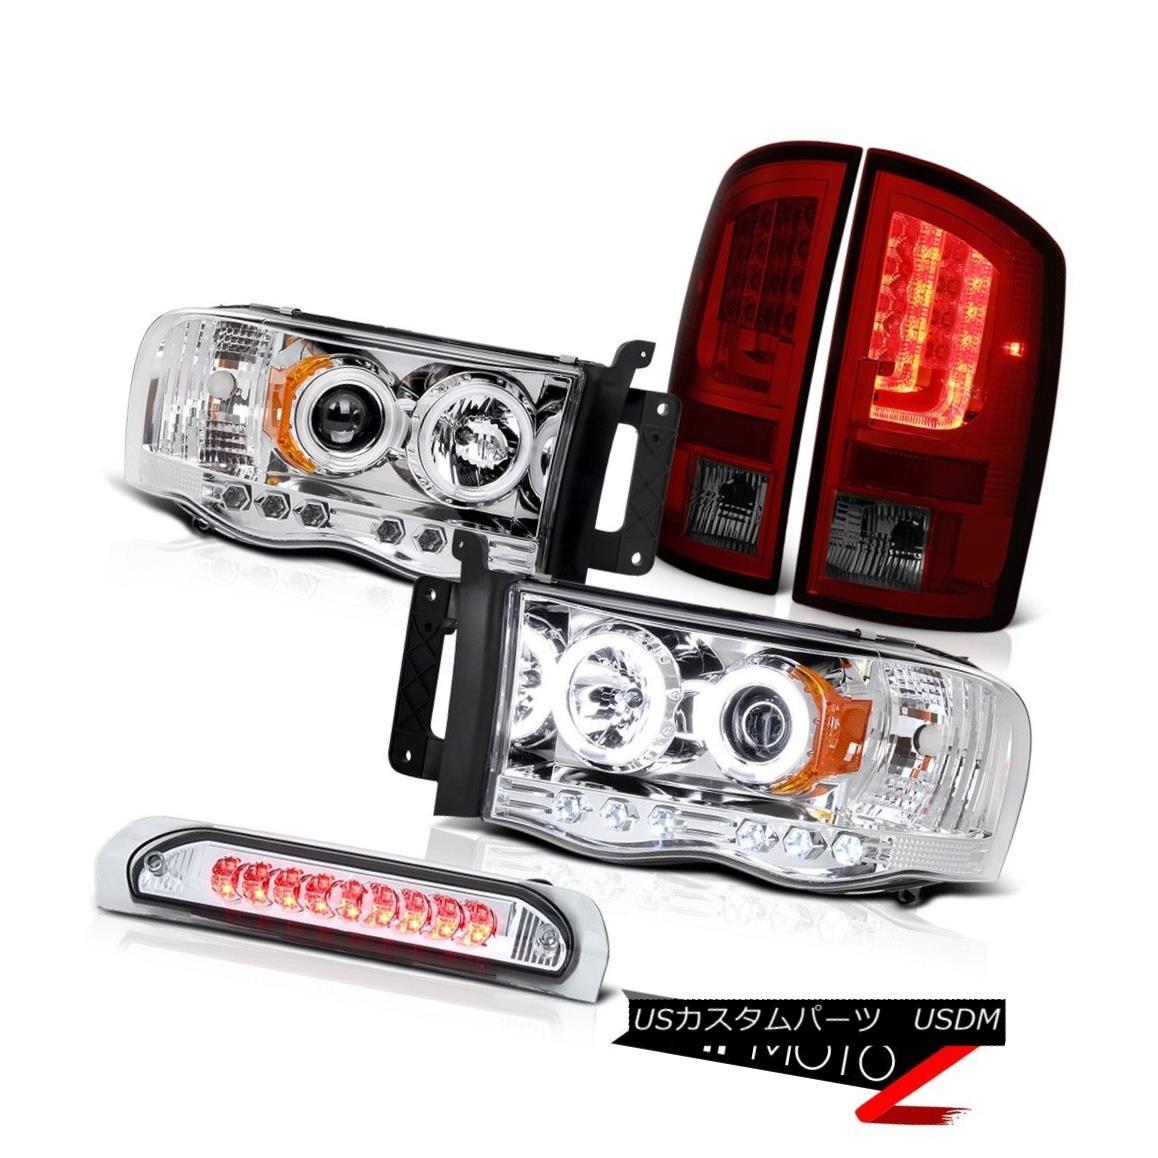 テールライト 2003-2005 Dodge Ram 1500 4.7L Parking Brake Lights Headlamps Roof Cab Light LED 2003-2005 Dodge Ram 1500 4.7L駐車ブレーキライトヘッドランプルーフキャブライトLED